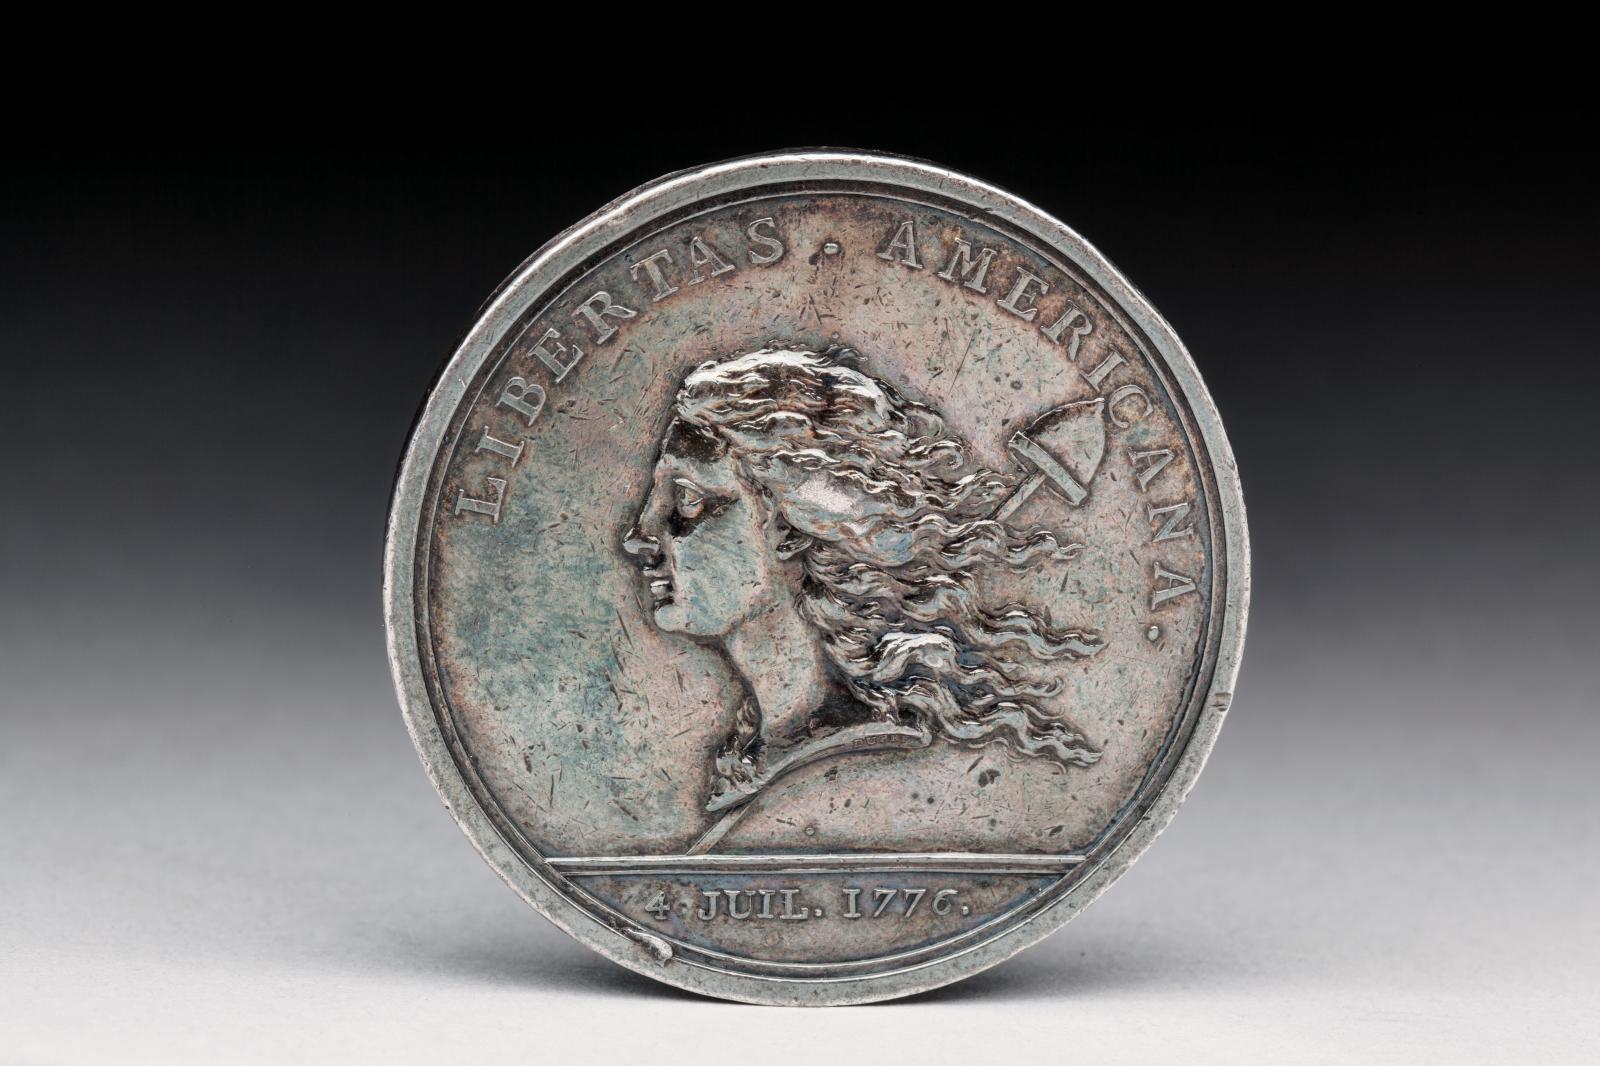 Benjamin Franklin (1706-1790), Libertas Americana, médaille en argent par Augustin Dupré, frappe originale du XVIIIesiècle, diam. 47,5mm, poids 57,6